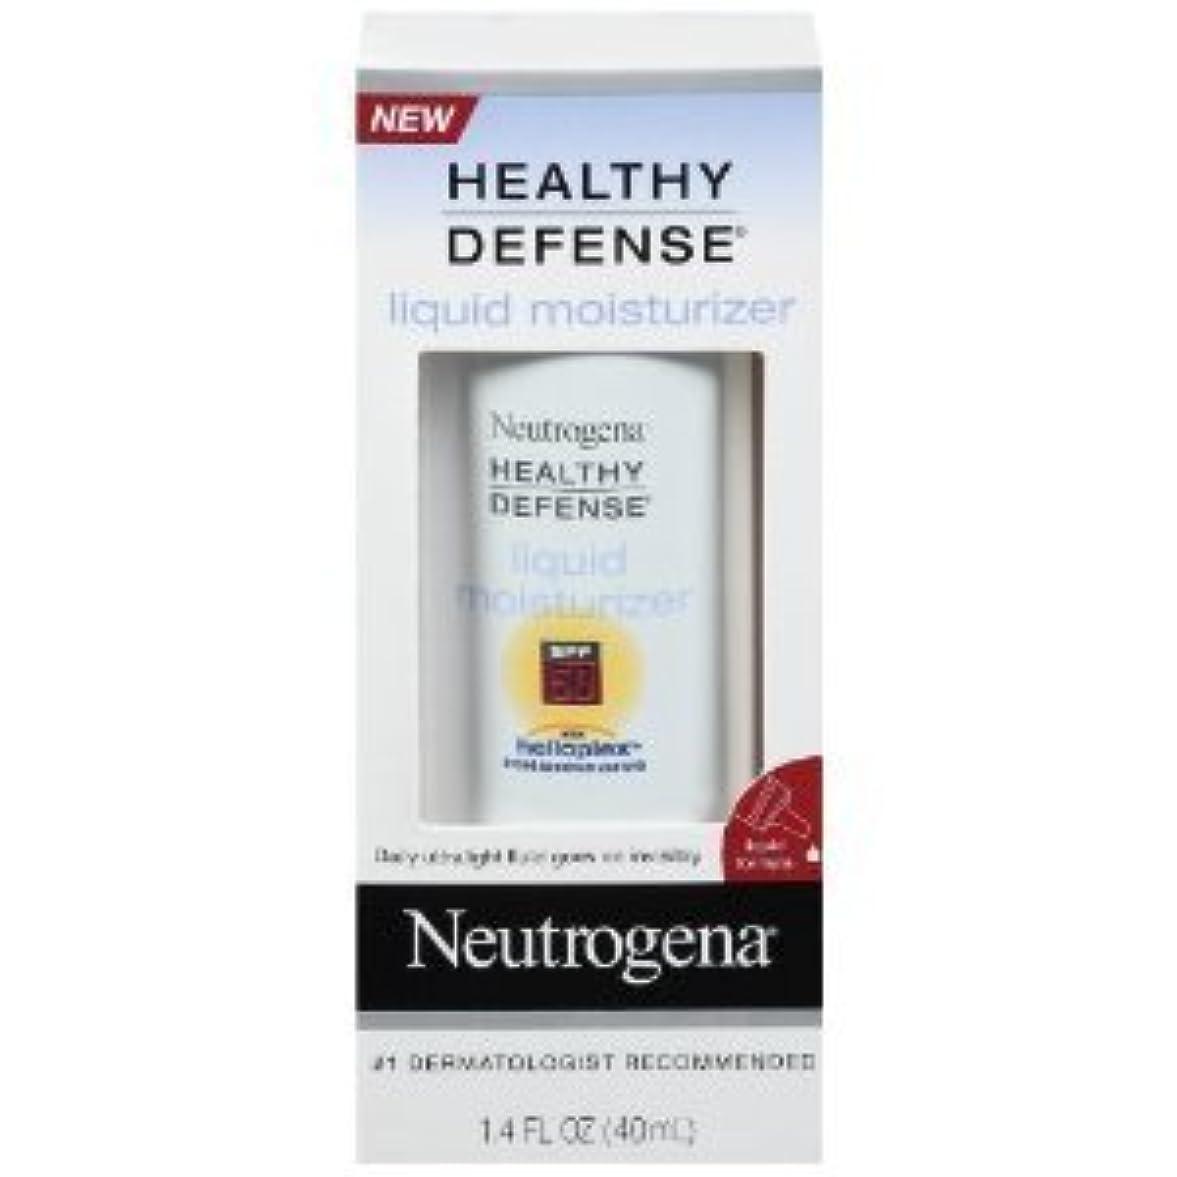 ようこそ形成引き受けるニュートロジーナ SPF50 ヘルシーディフェンス デイリーモイスチャライザー(ヘリオプレックス) Neutrogena Healthy Defense Daily Moisturizer with Helioplex...